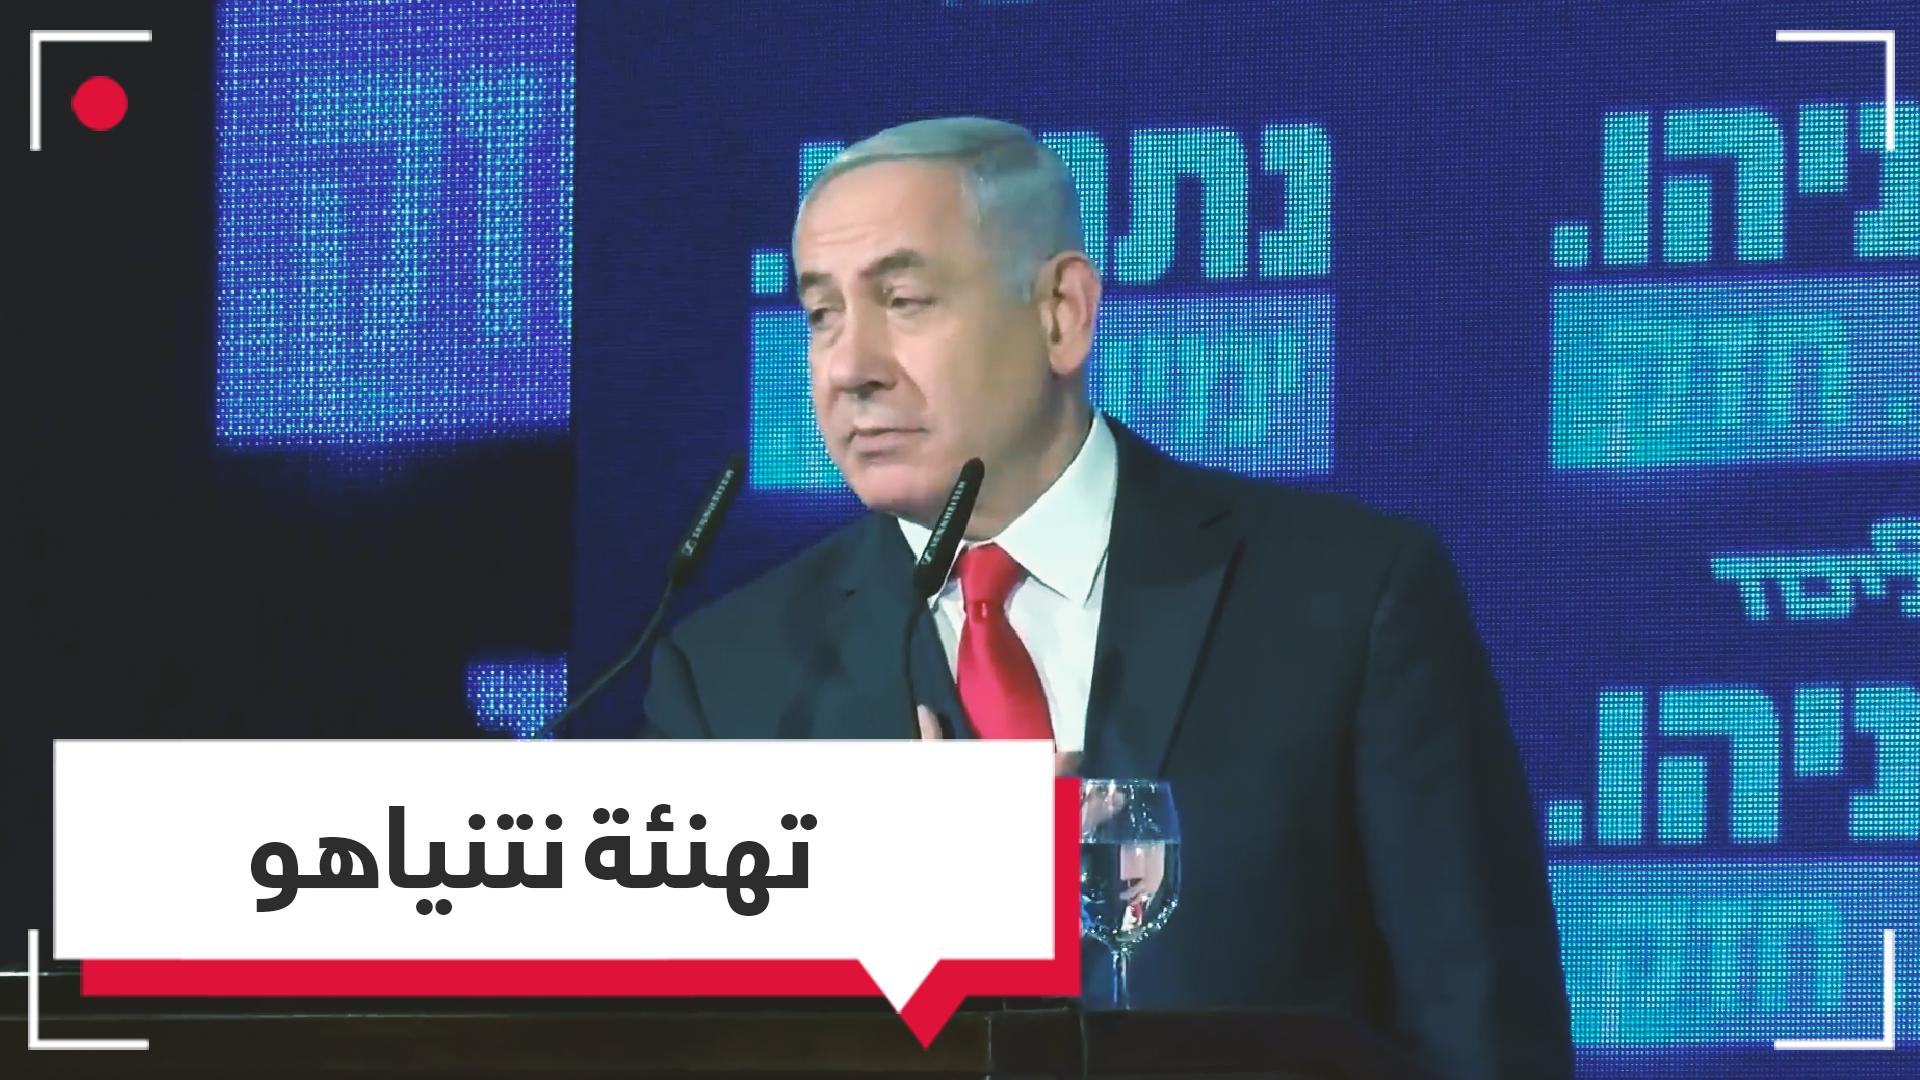 نتنياهو يتلقى التهاني العربية والإسلامية بمناسبة فوزه في الانتخابات